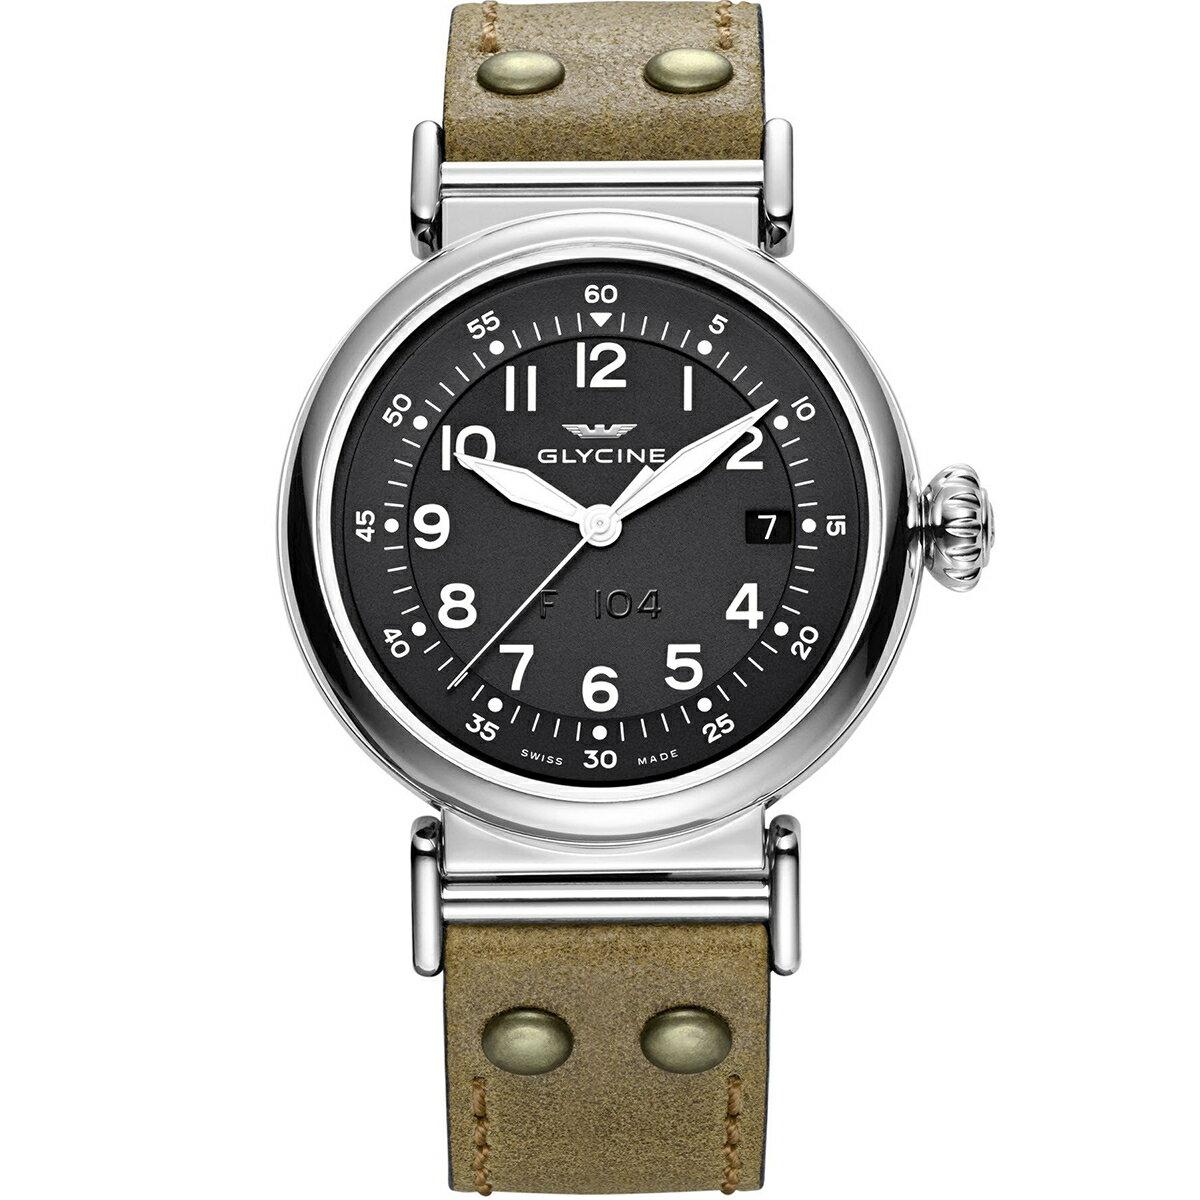 グライシン グリシン GLYCINE F104 40 GL0129 メンズ 時計 腕時計 自動巻き オートマチック スイス製 スイスメイド パイロット